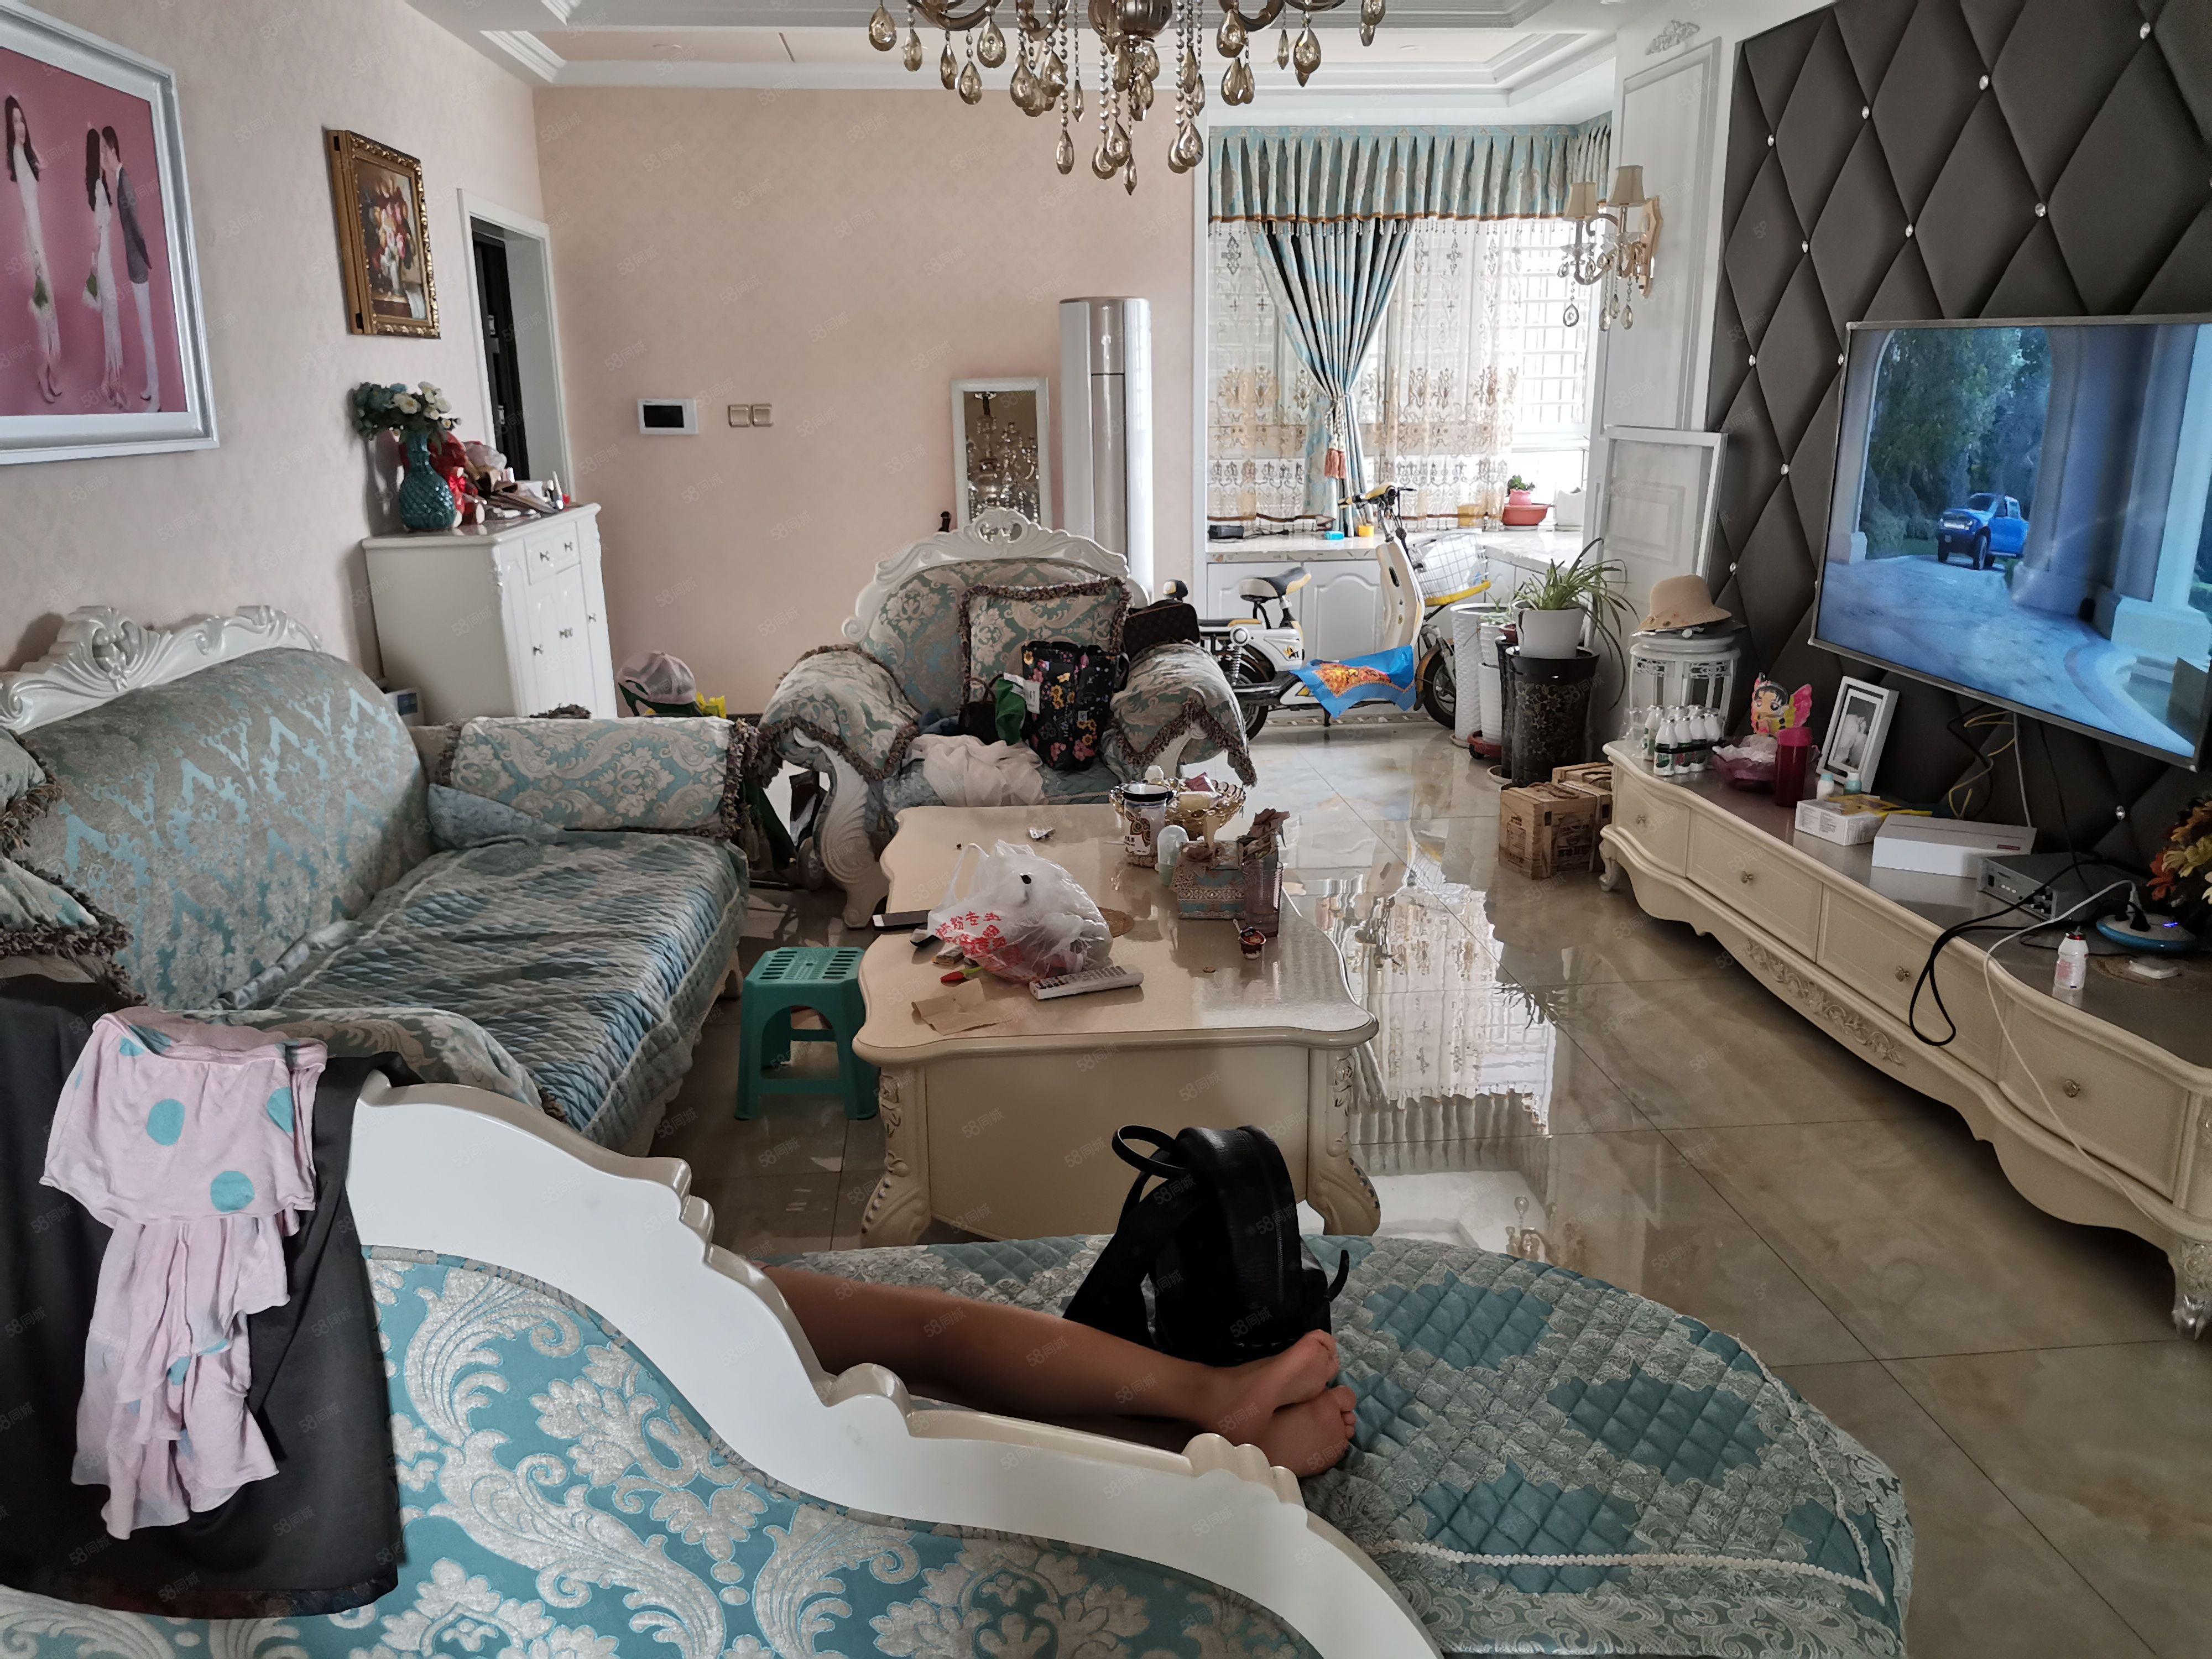 金泰王朝豪装三房,家具家电齐全,房子真心好,适合居住首选